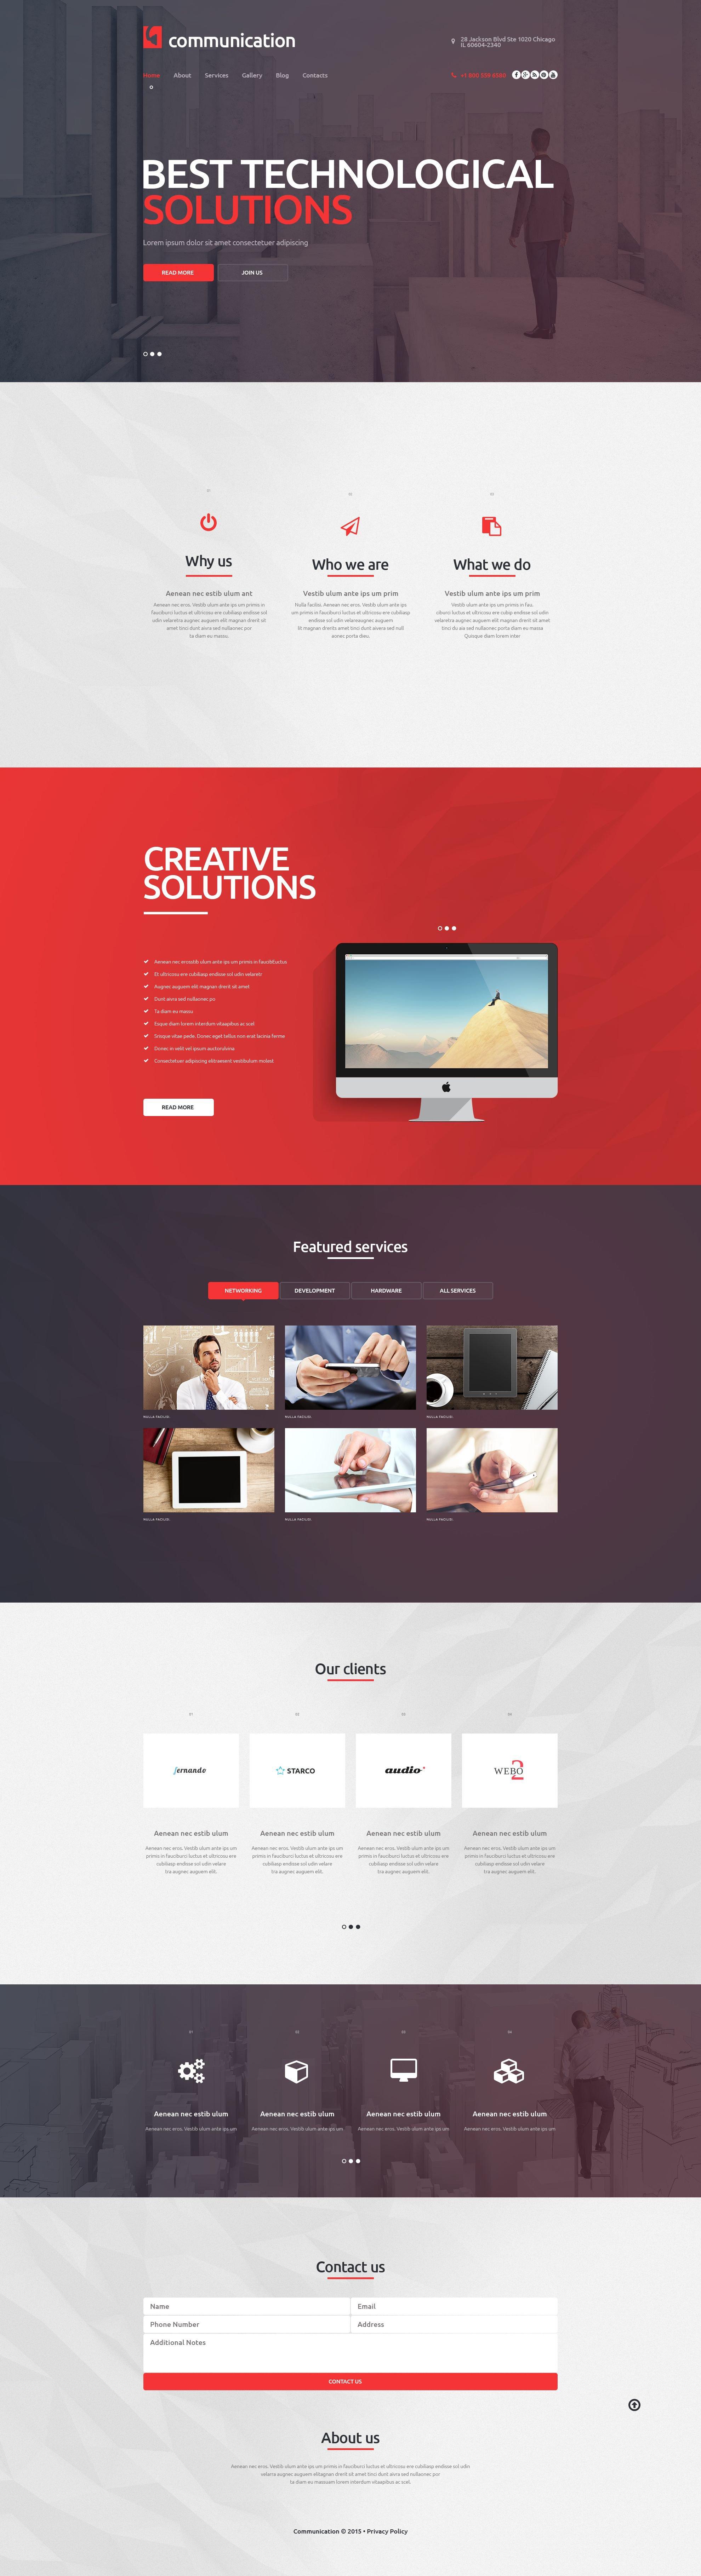 Communications Company WordPress Theme - screenshot